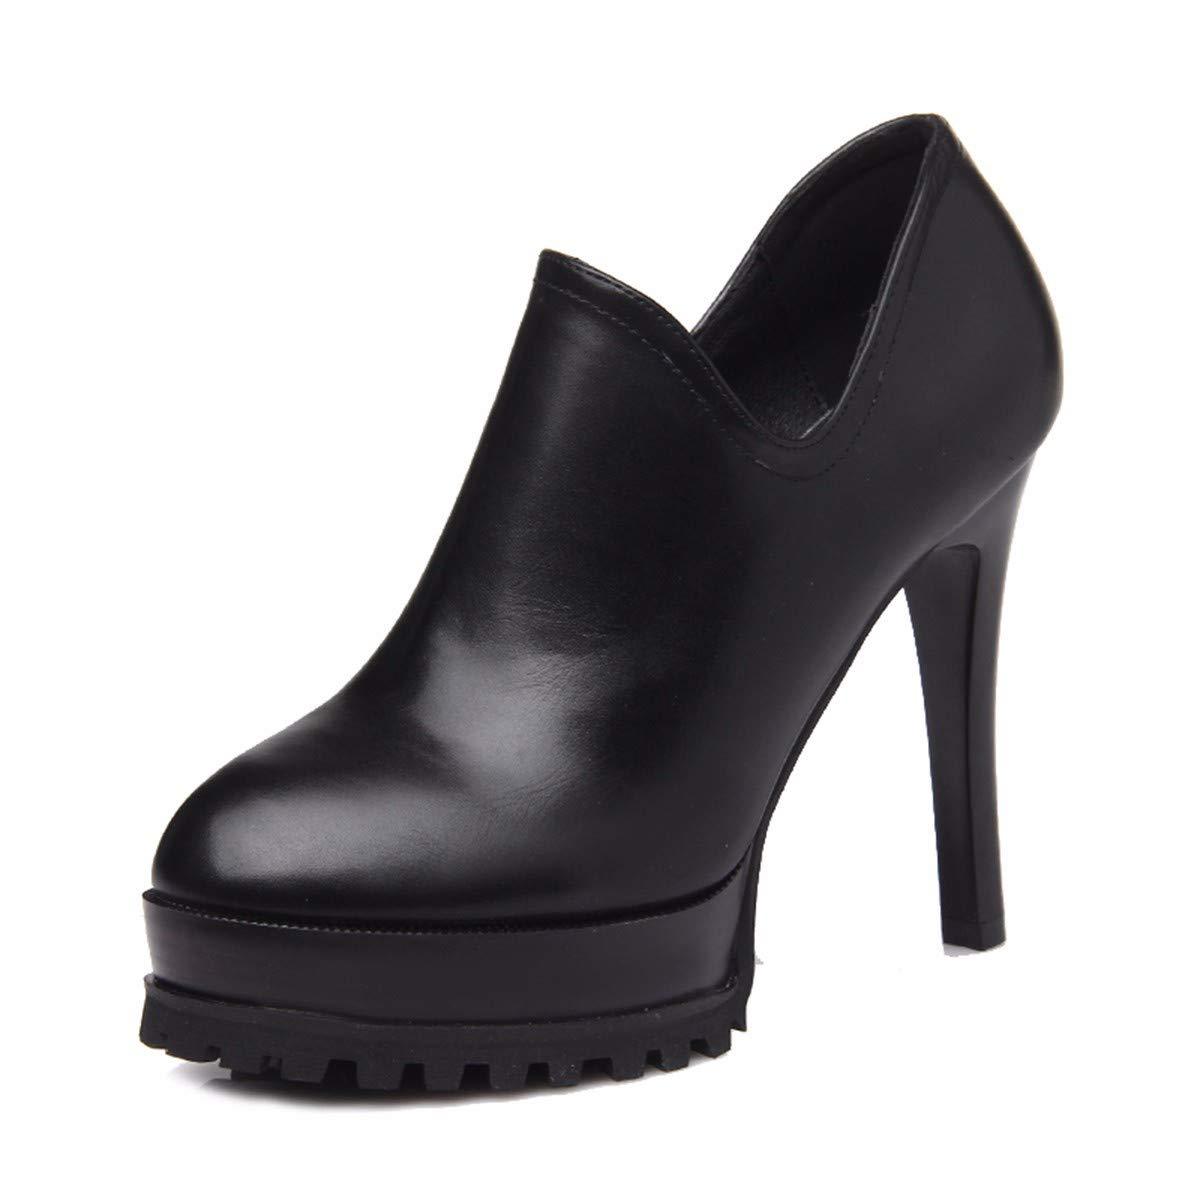 KPHY Damenschuhe Sexy High Heel Heel Heel 12Cm Tiefe Single Schuh Im Frühjahr und Herbst Schön Wasserdicht Plattform Mode Rom Damenschuhe.36 Schwarz 3a0871